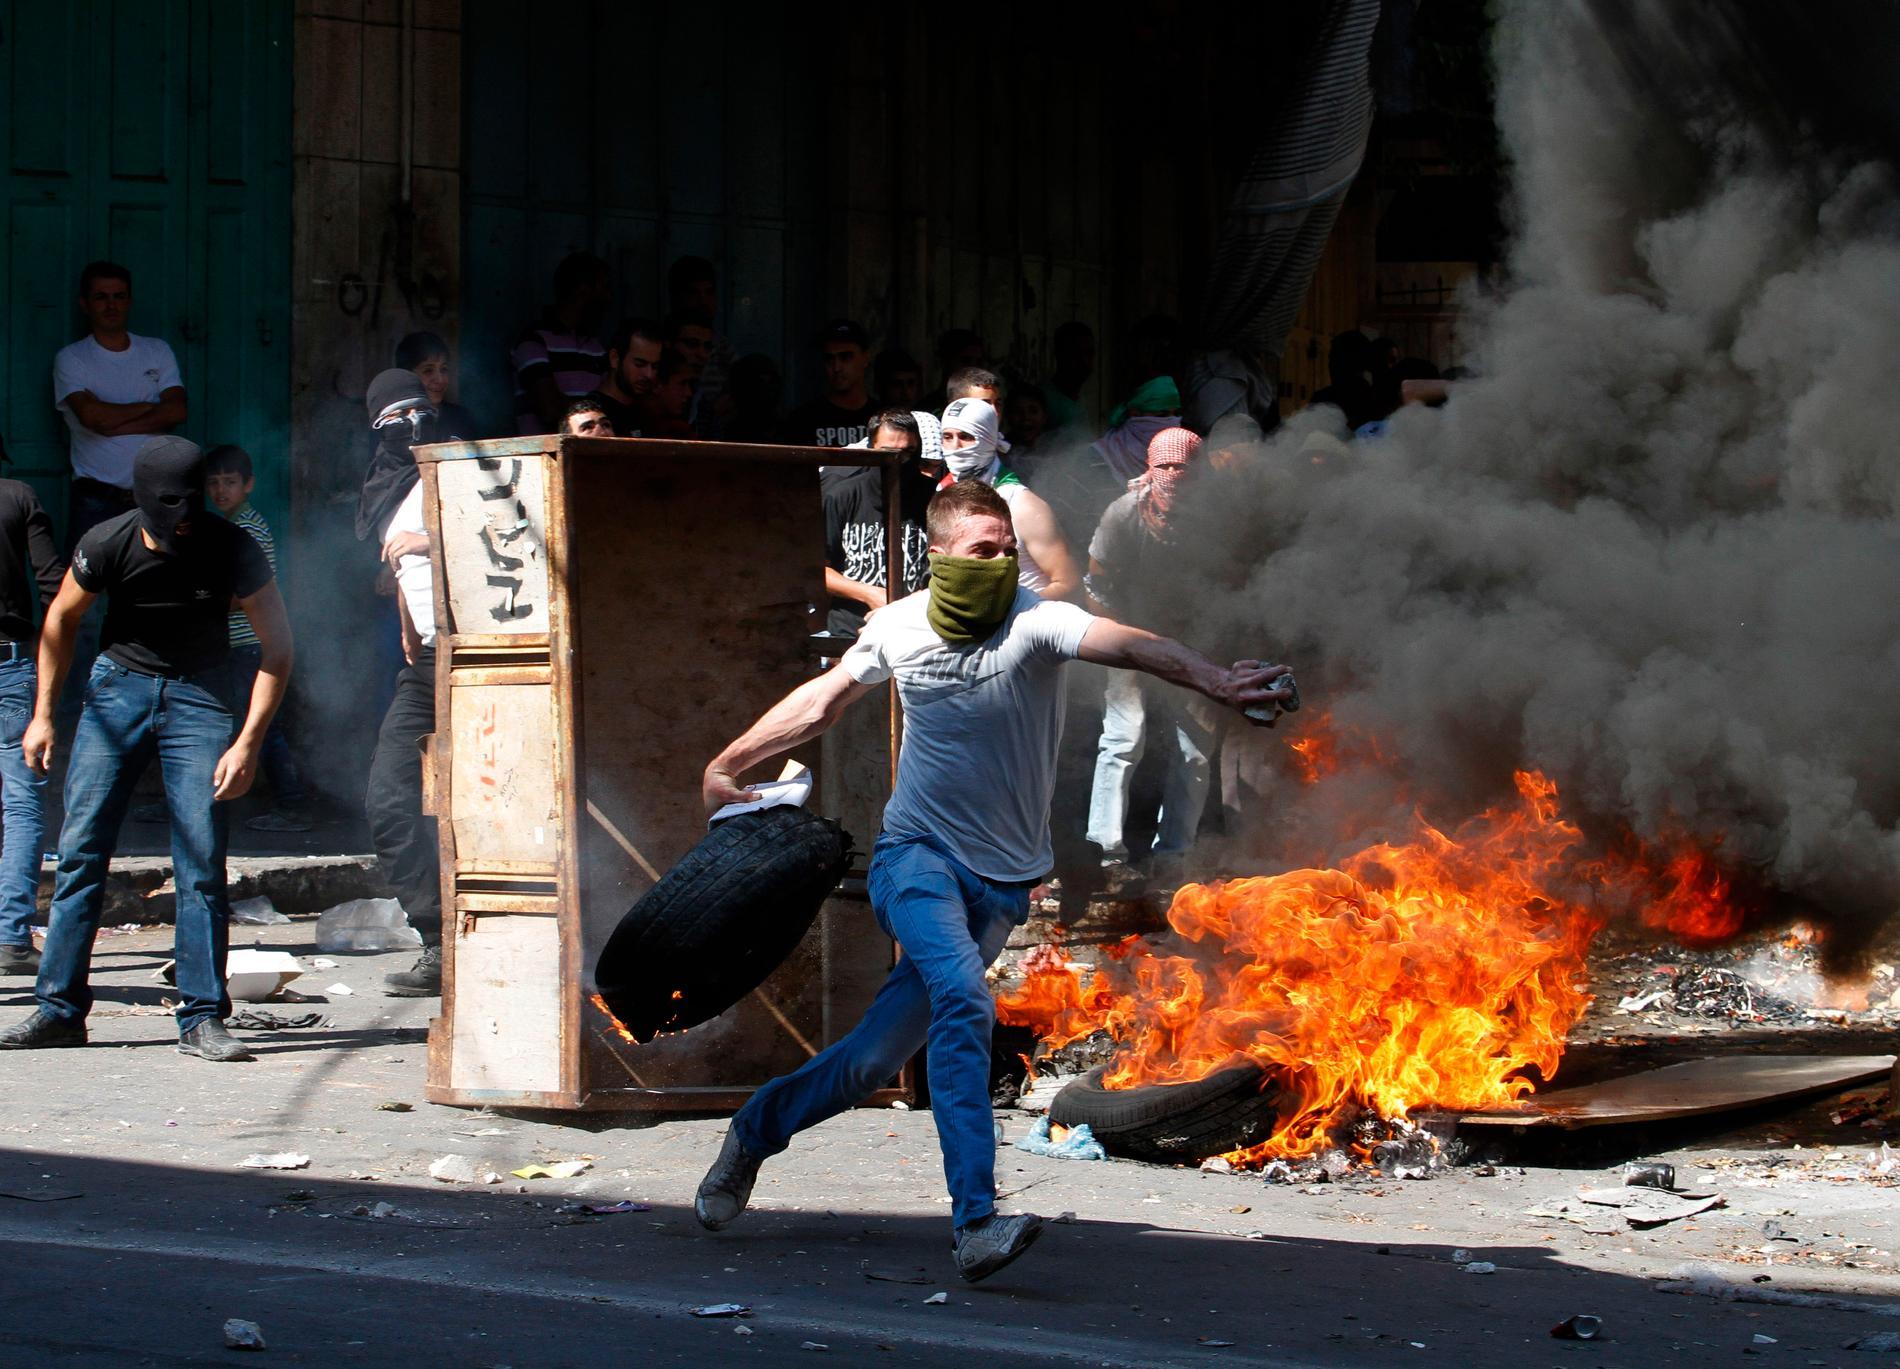 En ung palestinier kastar ett bildäck mot en isralisk polis.